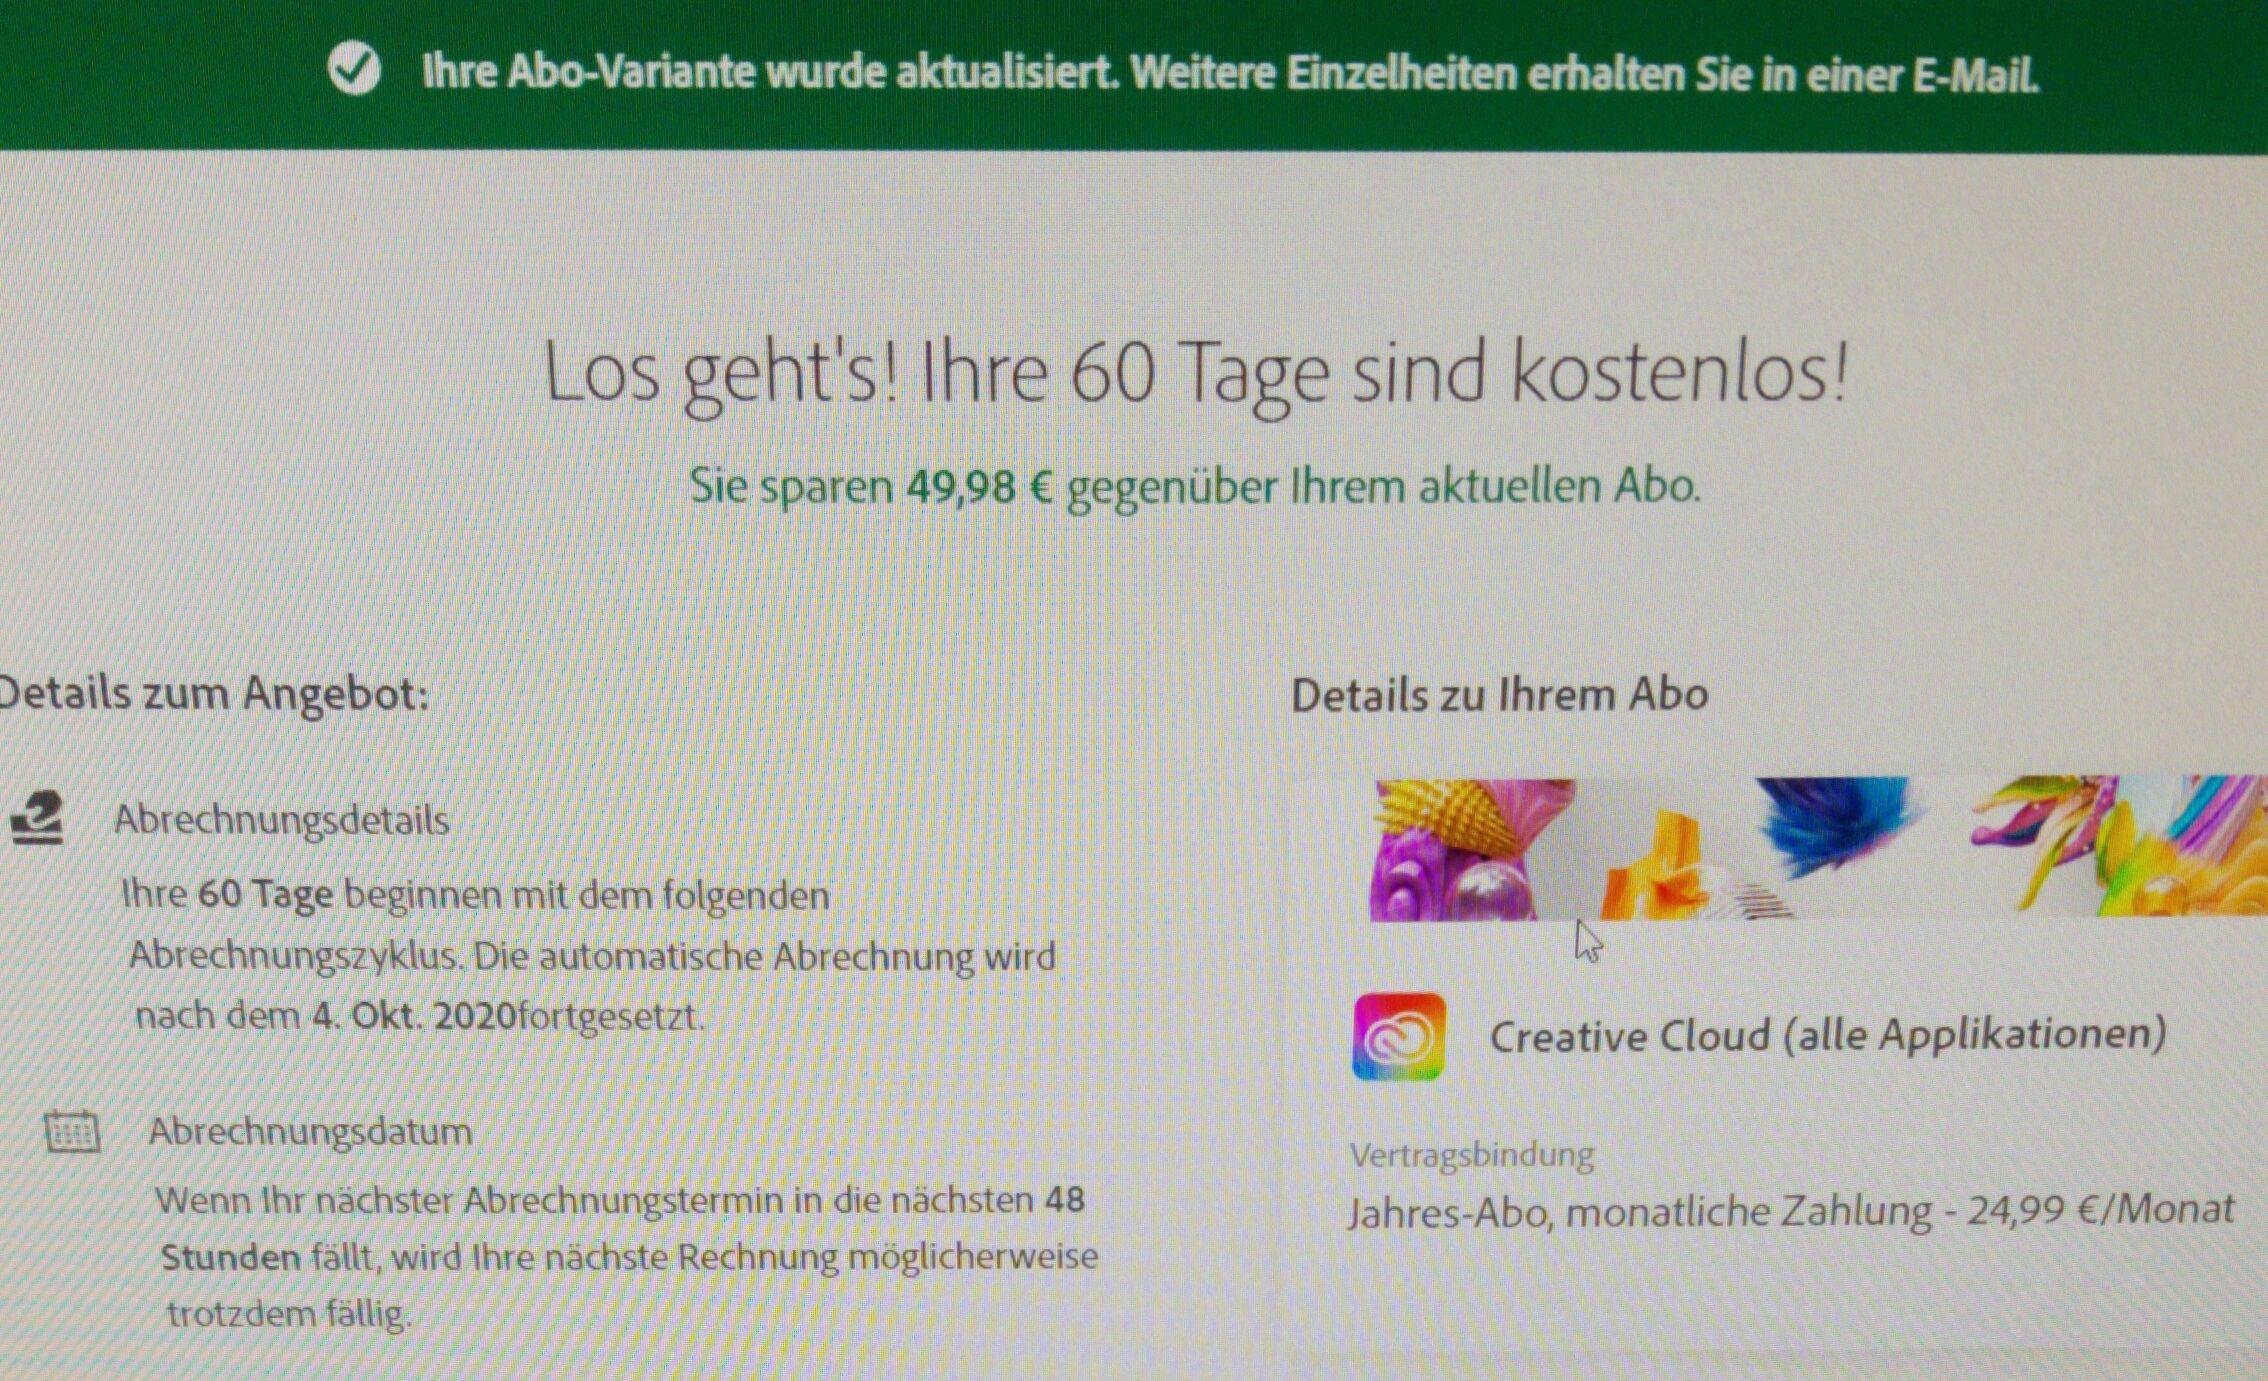 Adobe Creative Cloud 2 Monate Gratis für Bestandskunden